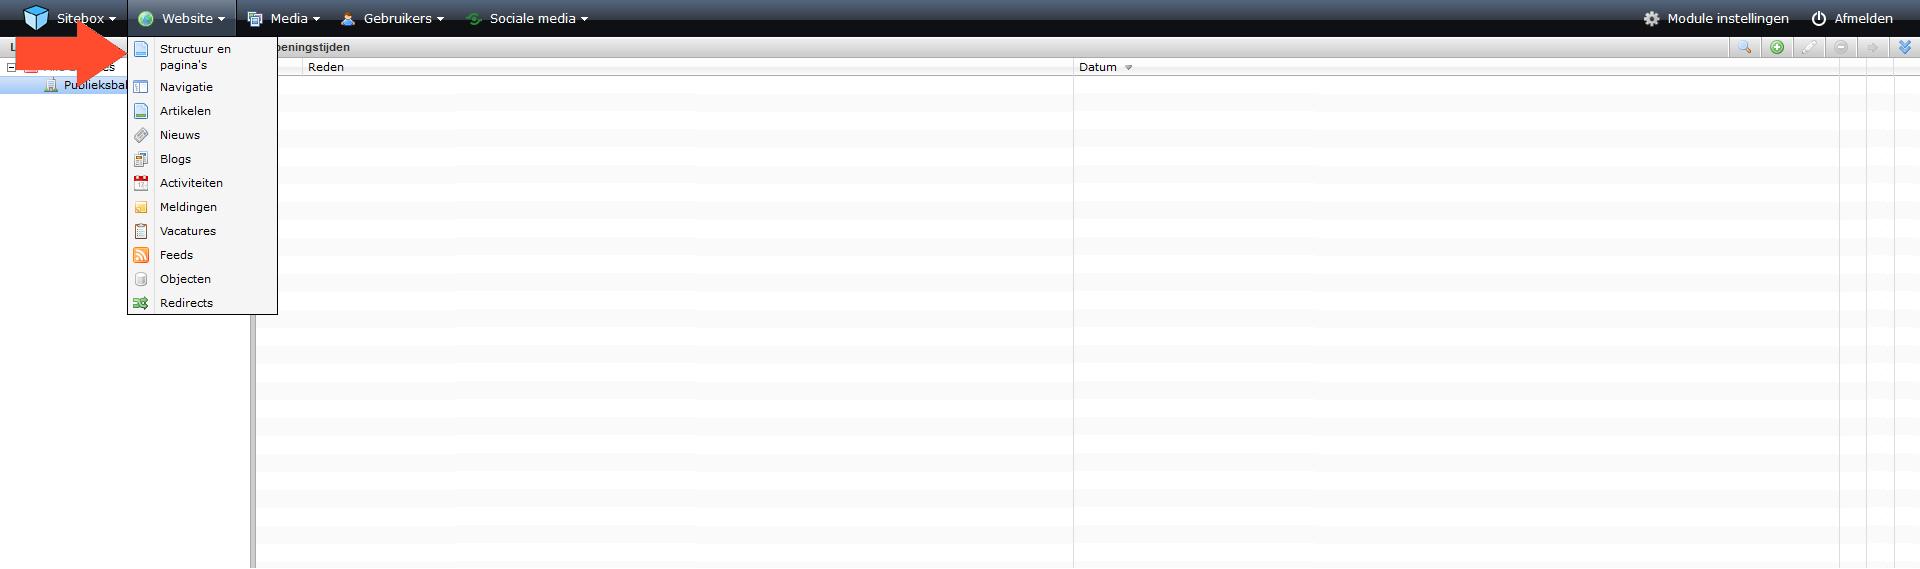 Screenshot van het menu 'Website'. Klik op de afbeelding om deze te vergroten.